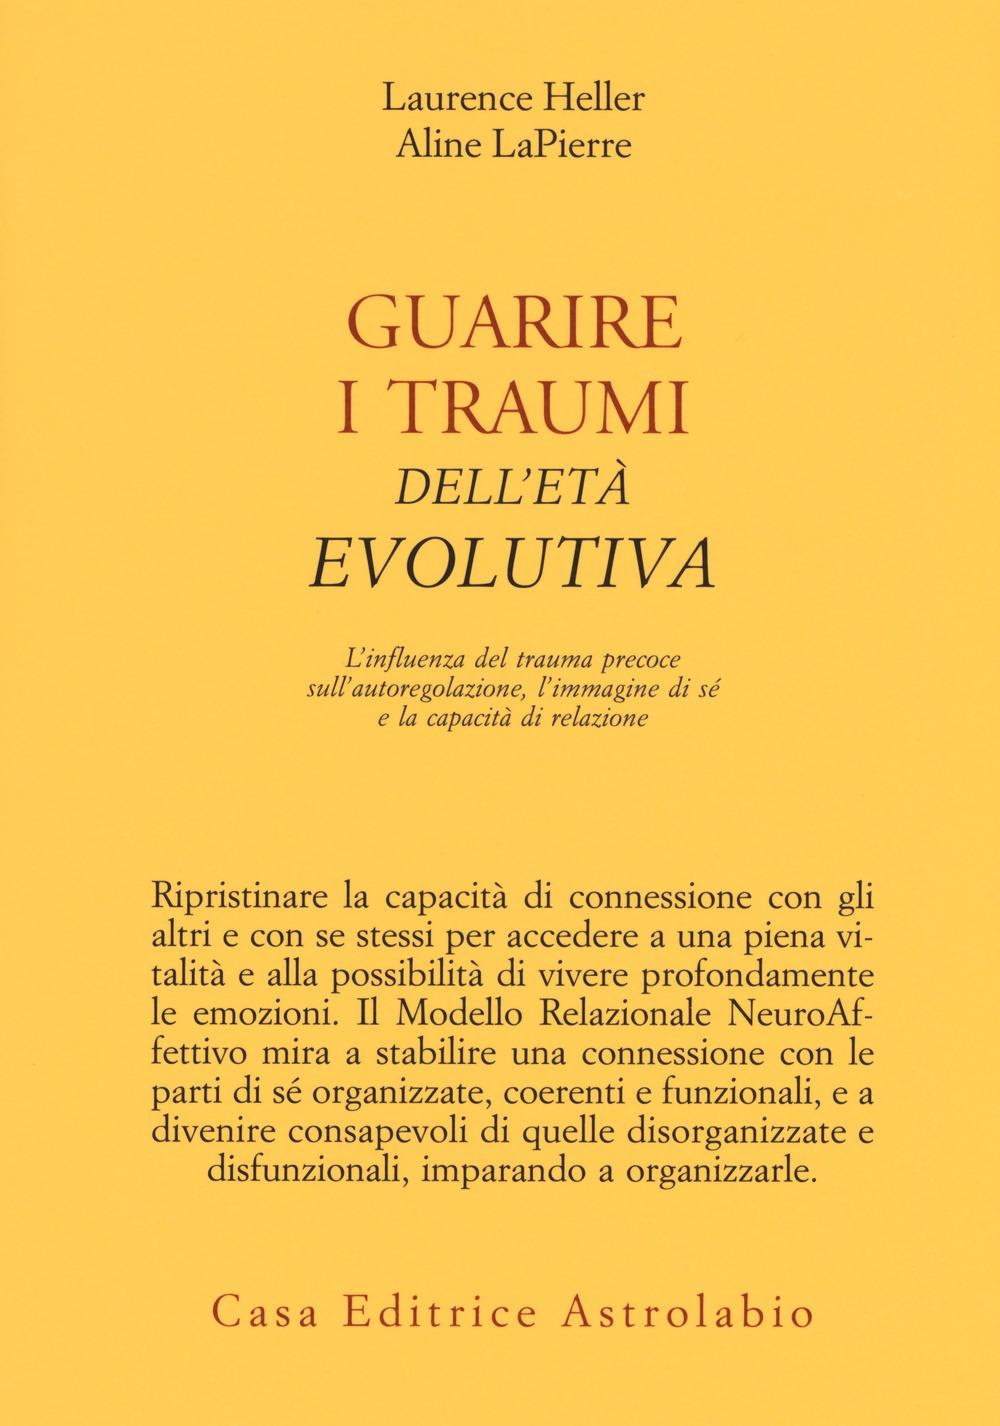 Guarire i traumi dell'età evolutiva. L'influenza del trauma precoce sull'autoregolazione, l'immagine di sé e la capacità di relazione